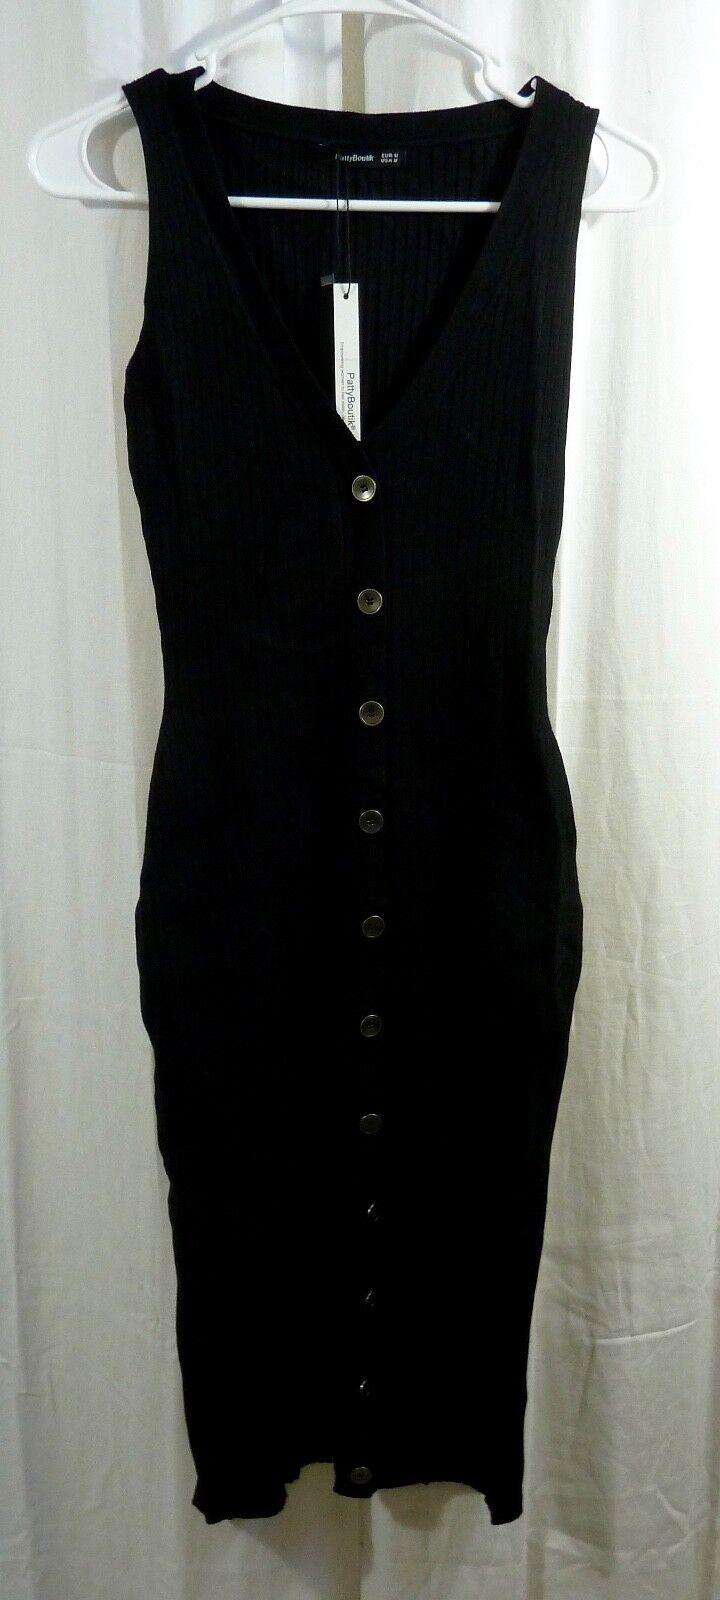 PattyBoutik damen's V Neck Sleeveless Knit Dress schwarz Größe Medium